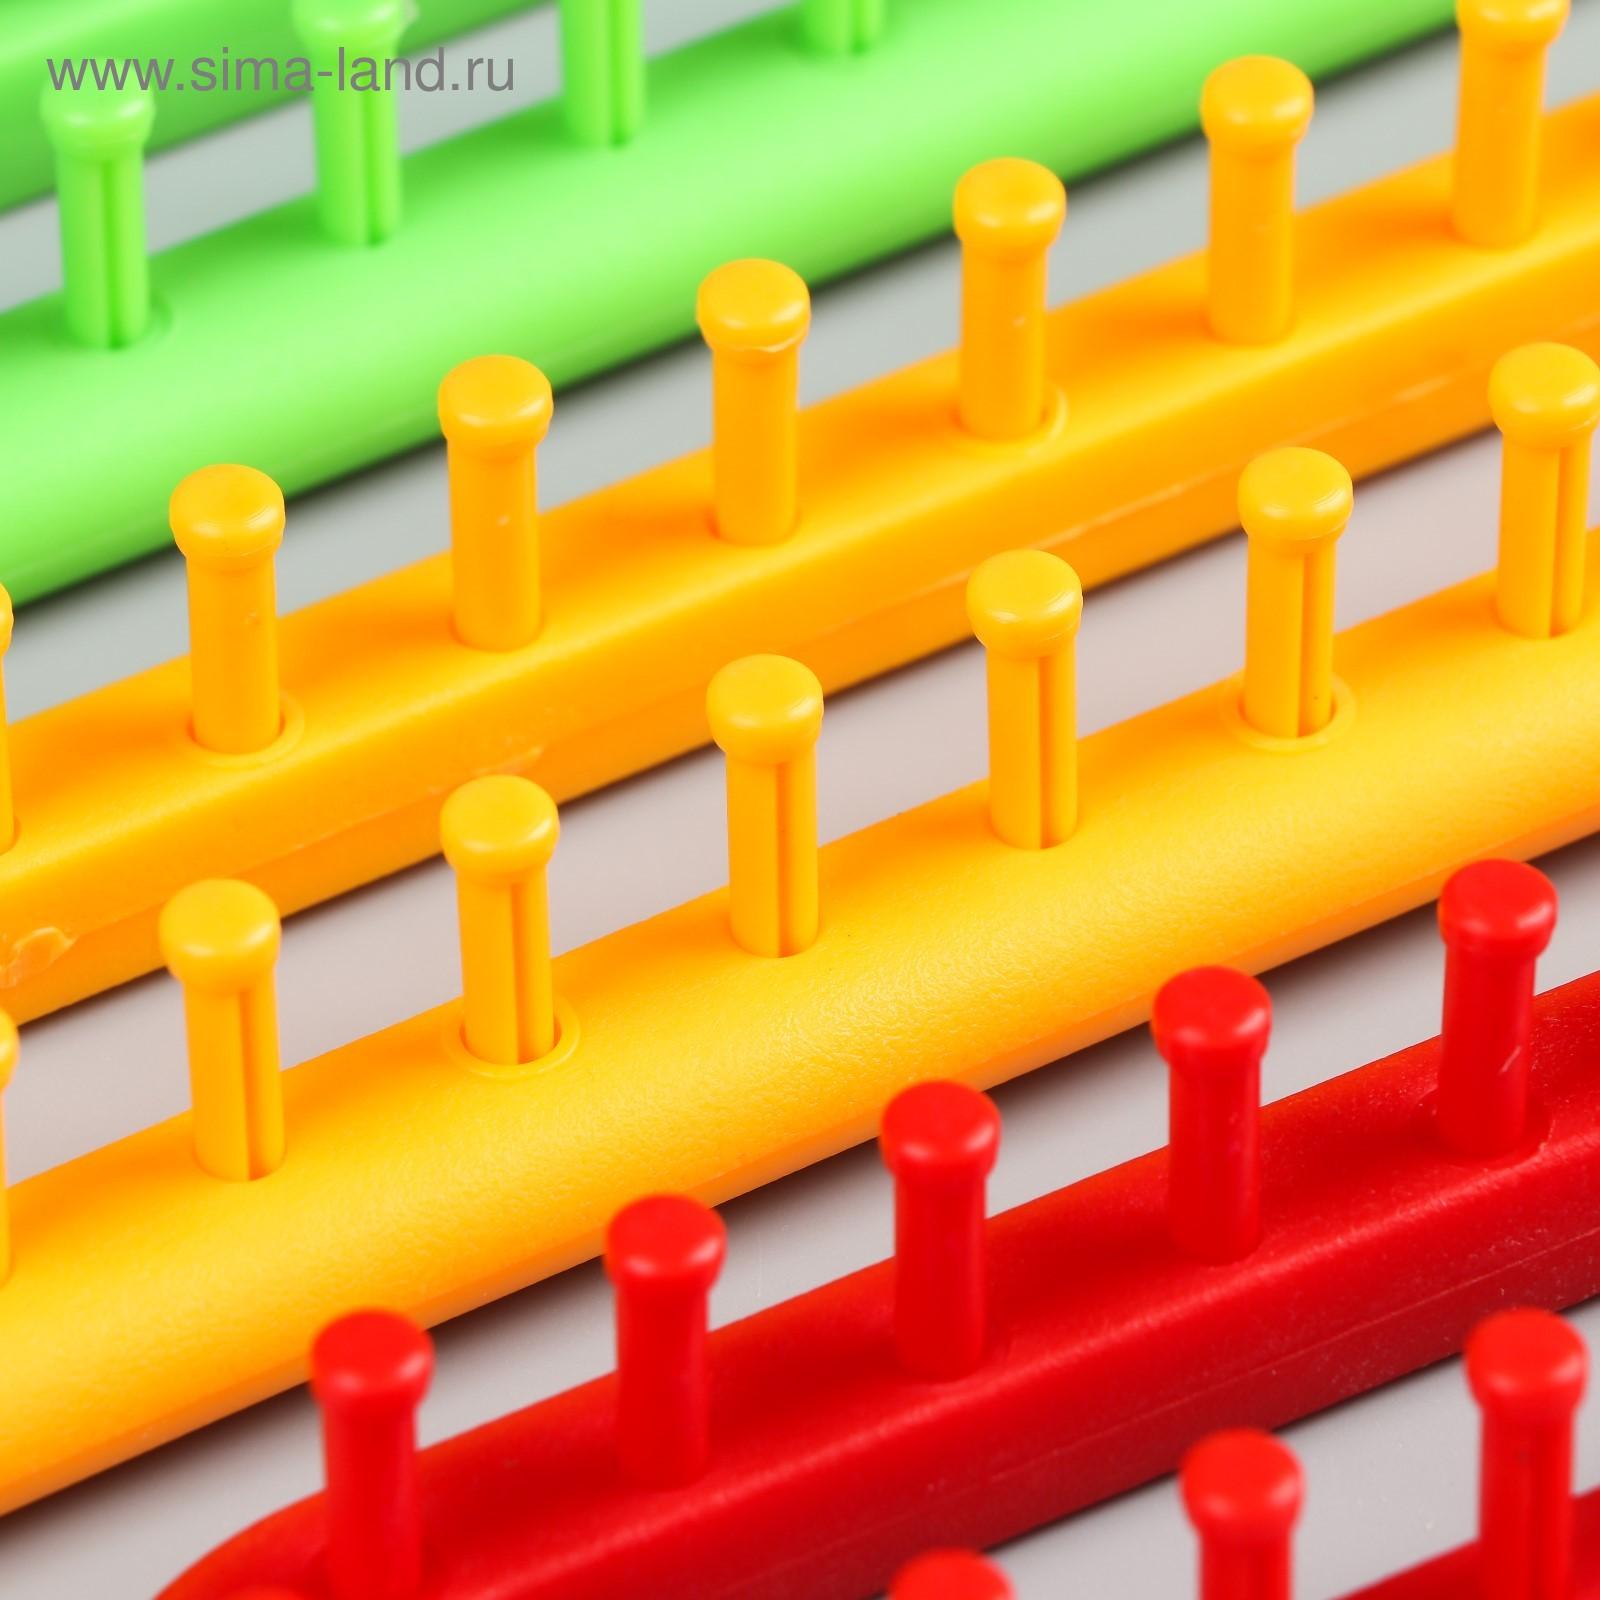 набор устройств для вязания лум 4 шт 25х5х3 см365х5х3 см